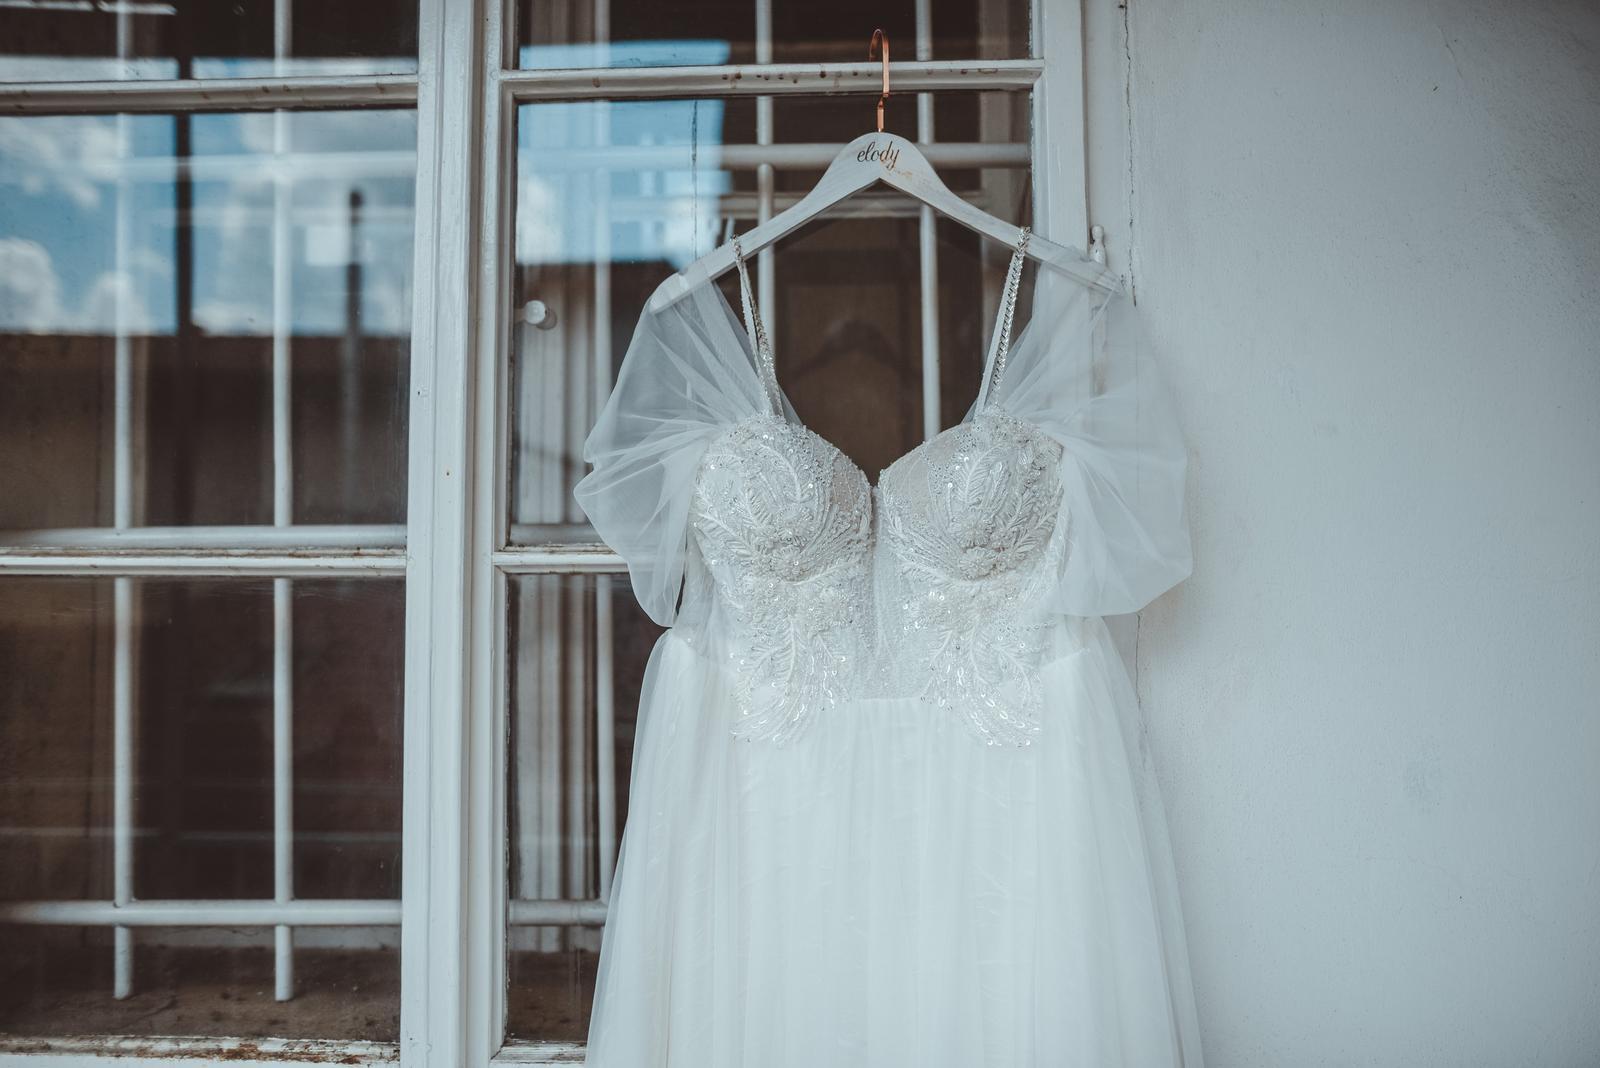 Šaty značky Elody - Obrázek č. 1